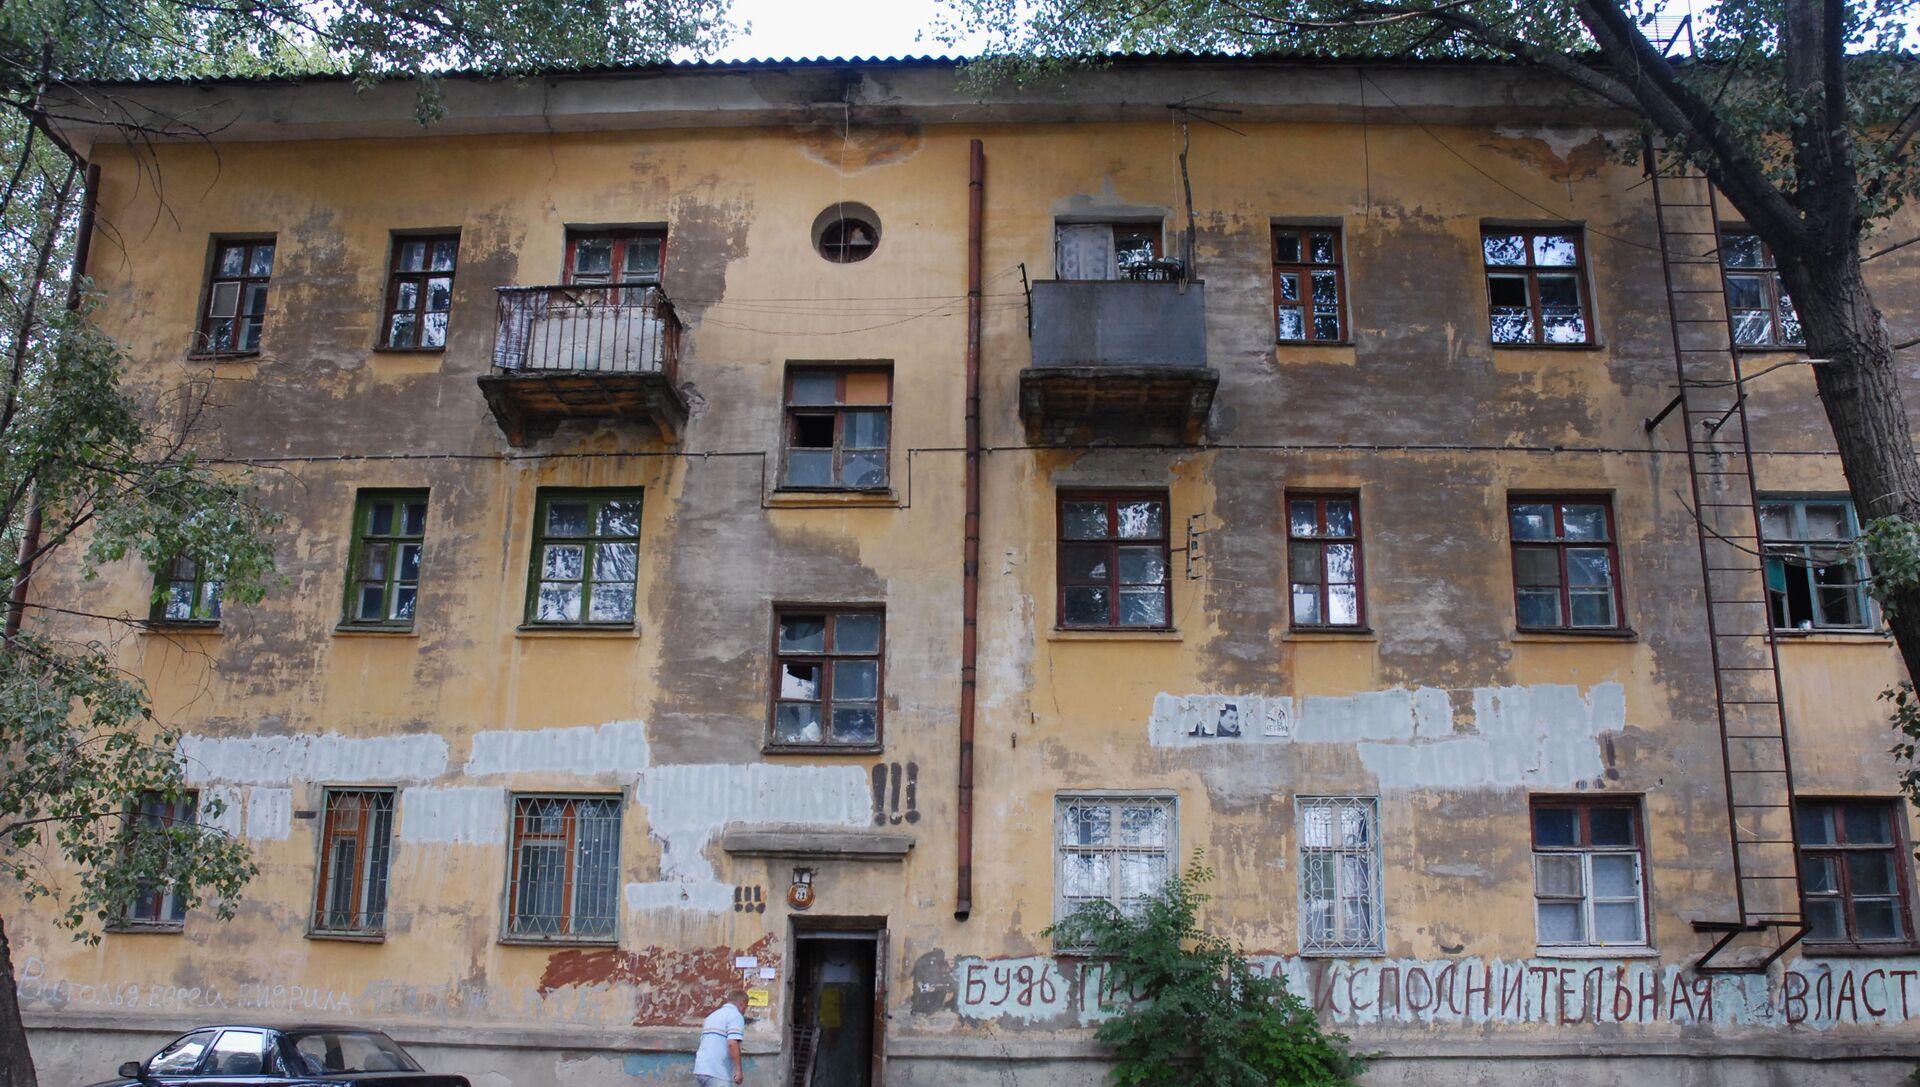 Ветхое жилье - РИА Новости, 1920, 09.12.2019